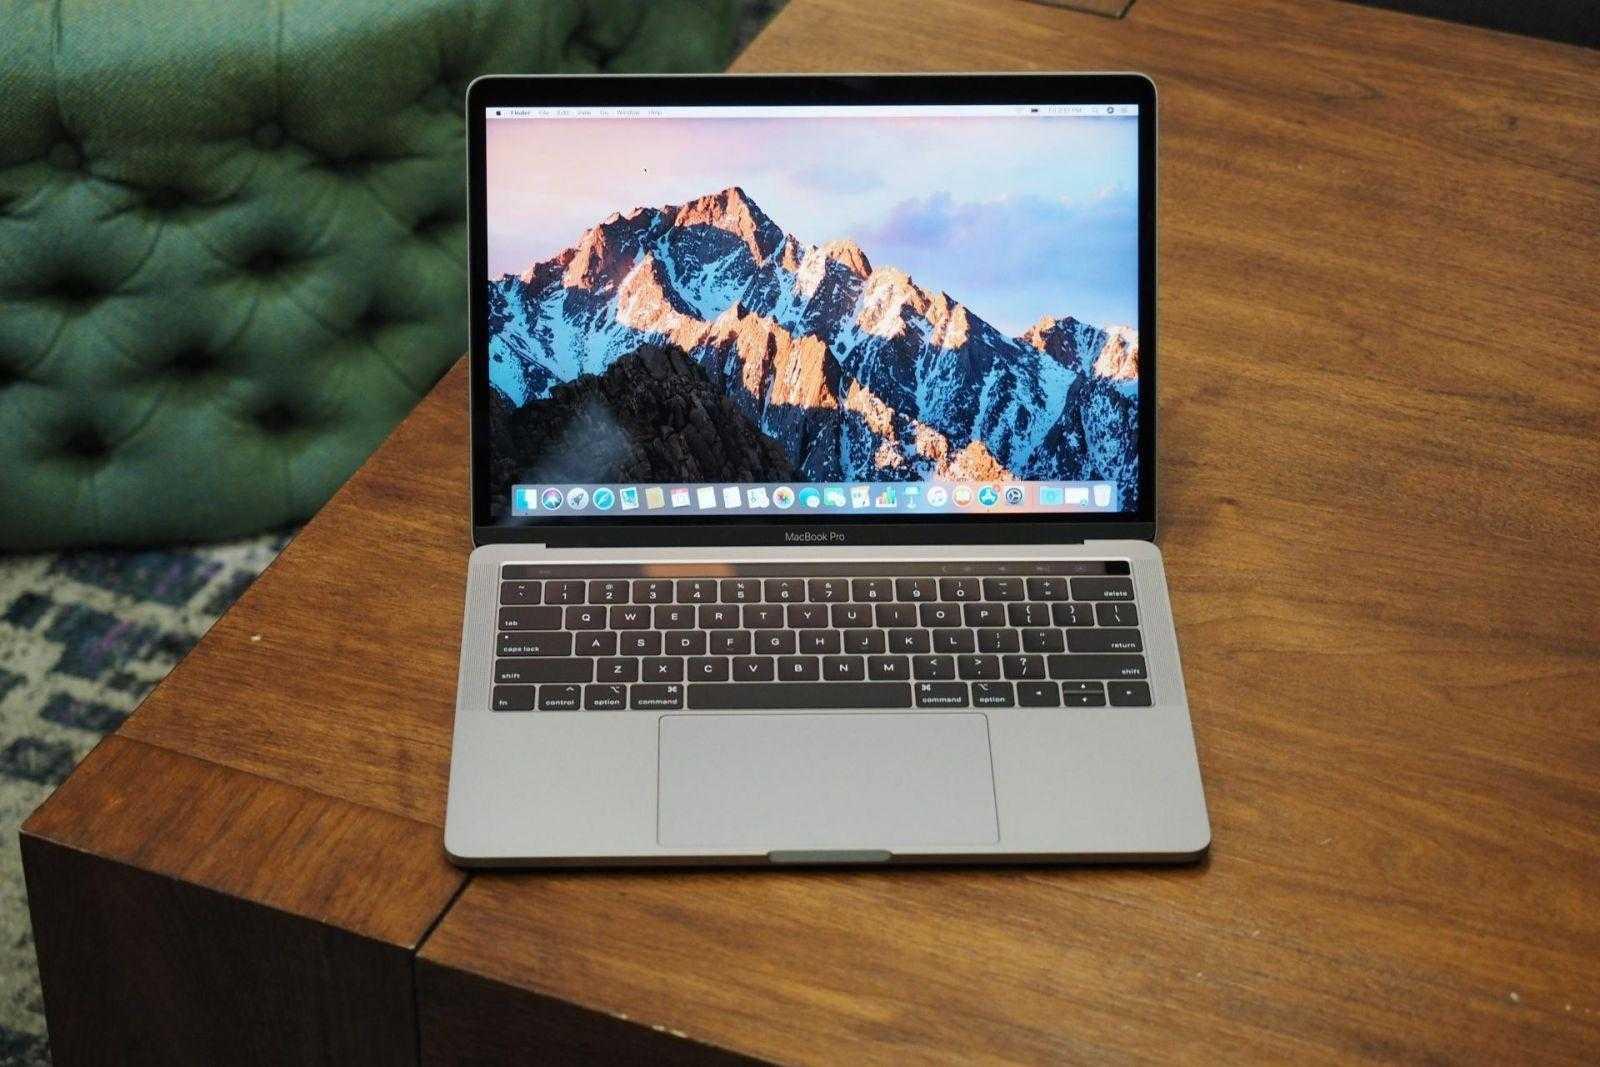 ТОП-9 крутых фишек Apple MacBook Pro 2018 (macbook pro 2018 1)